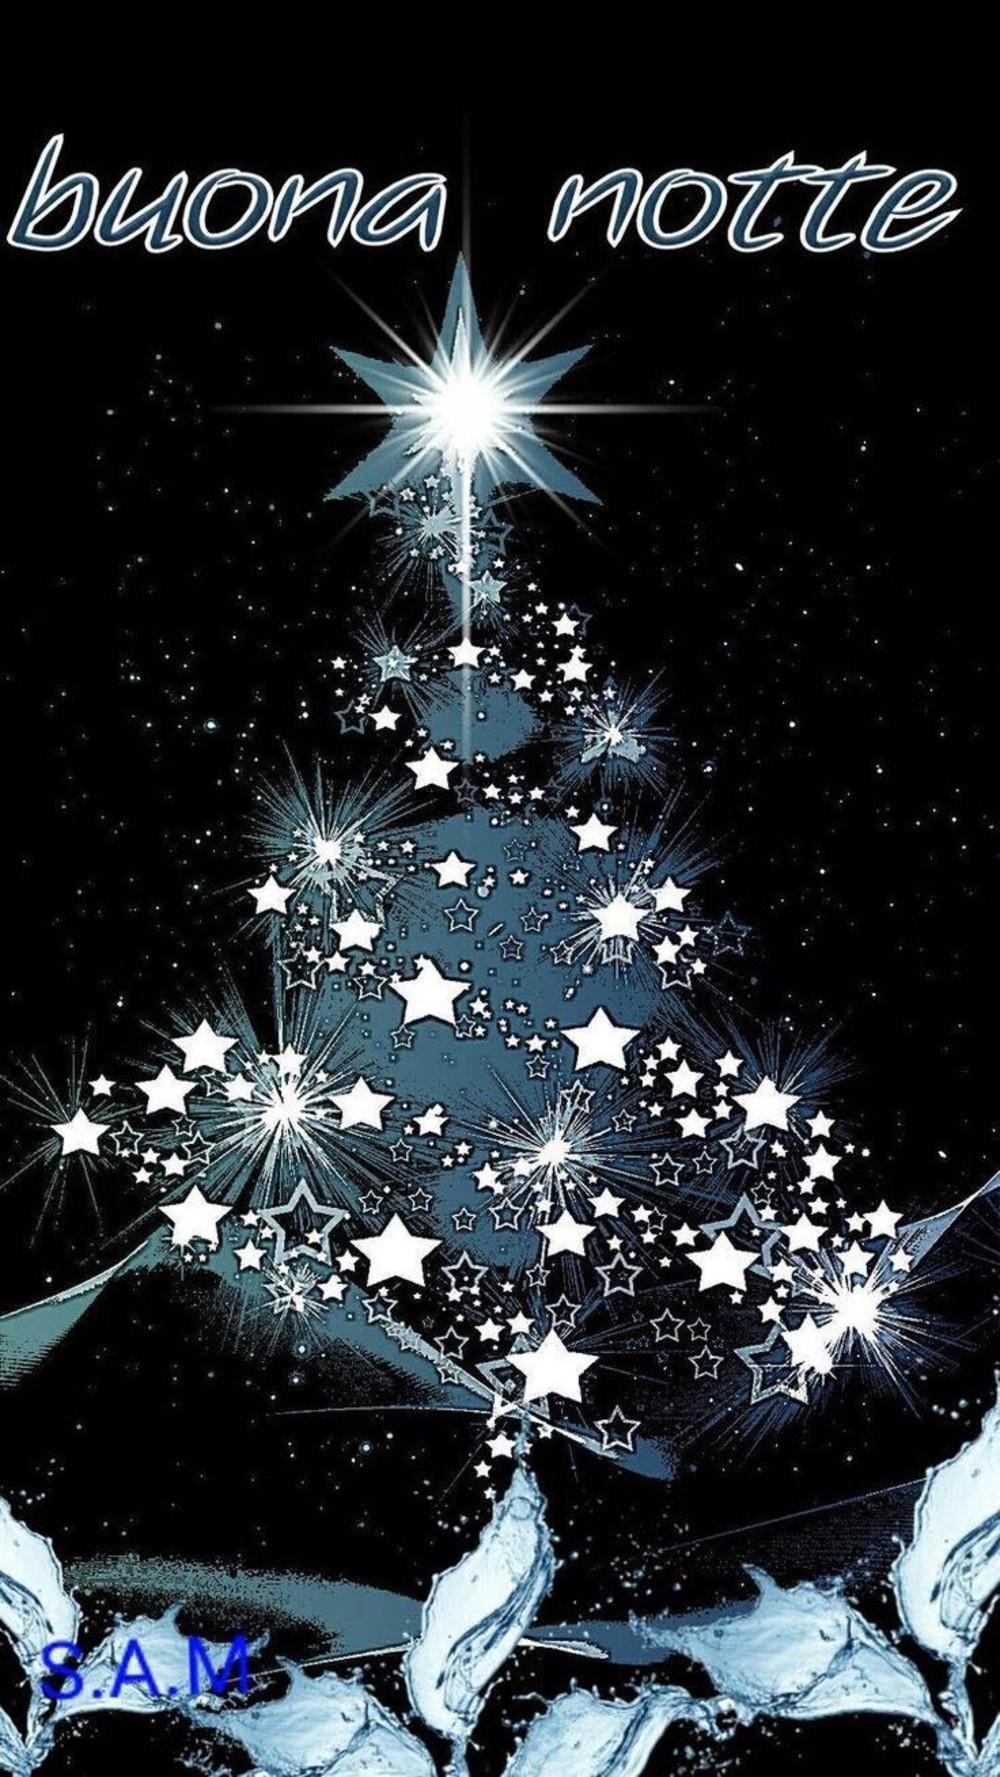 Immagini Di Buonanotte Di Natale.Immagini Buonanotte Albero Di Natale Fotowhatsapp It